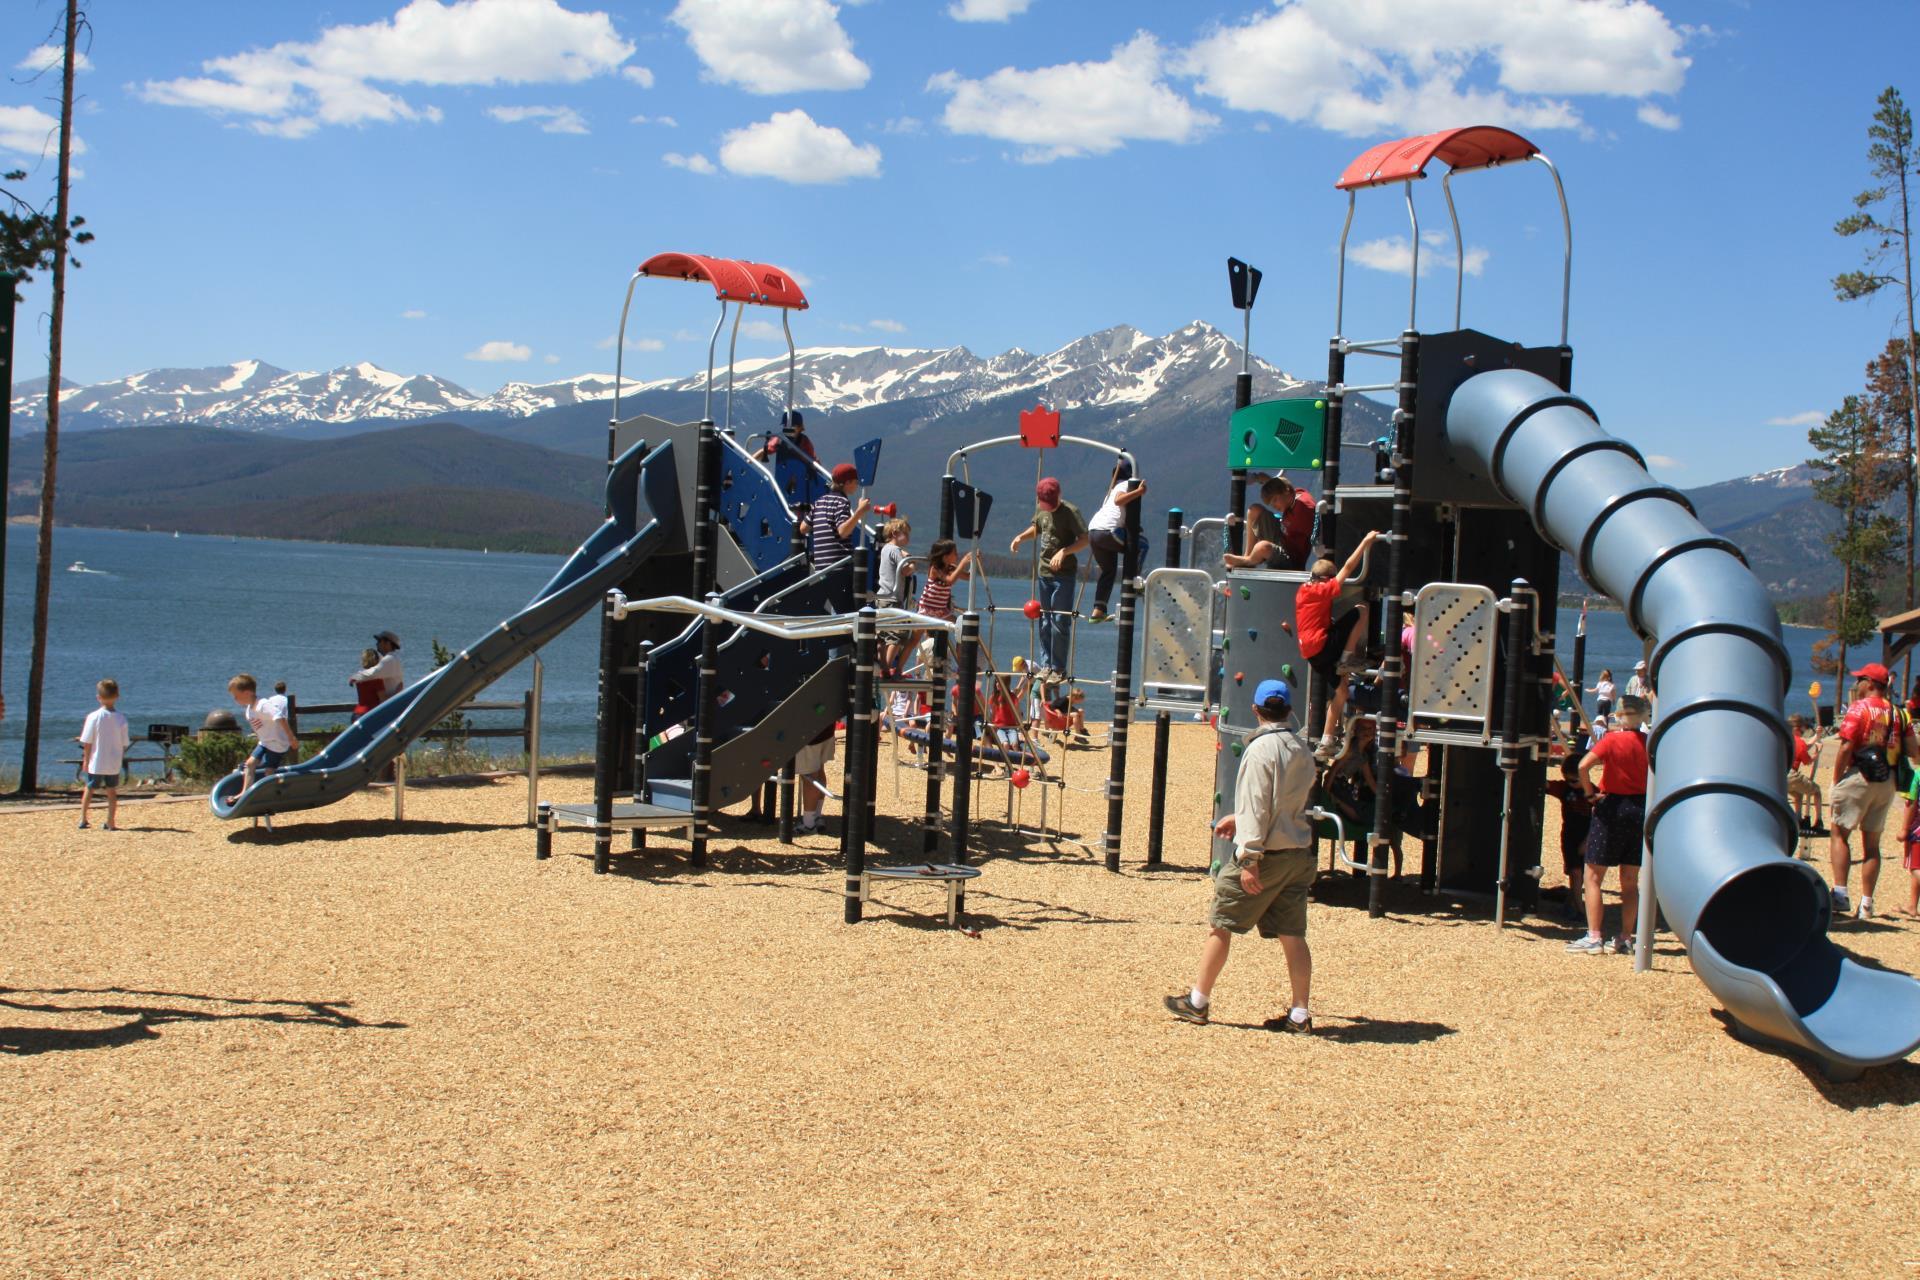 Marina Park Playground